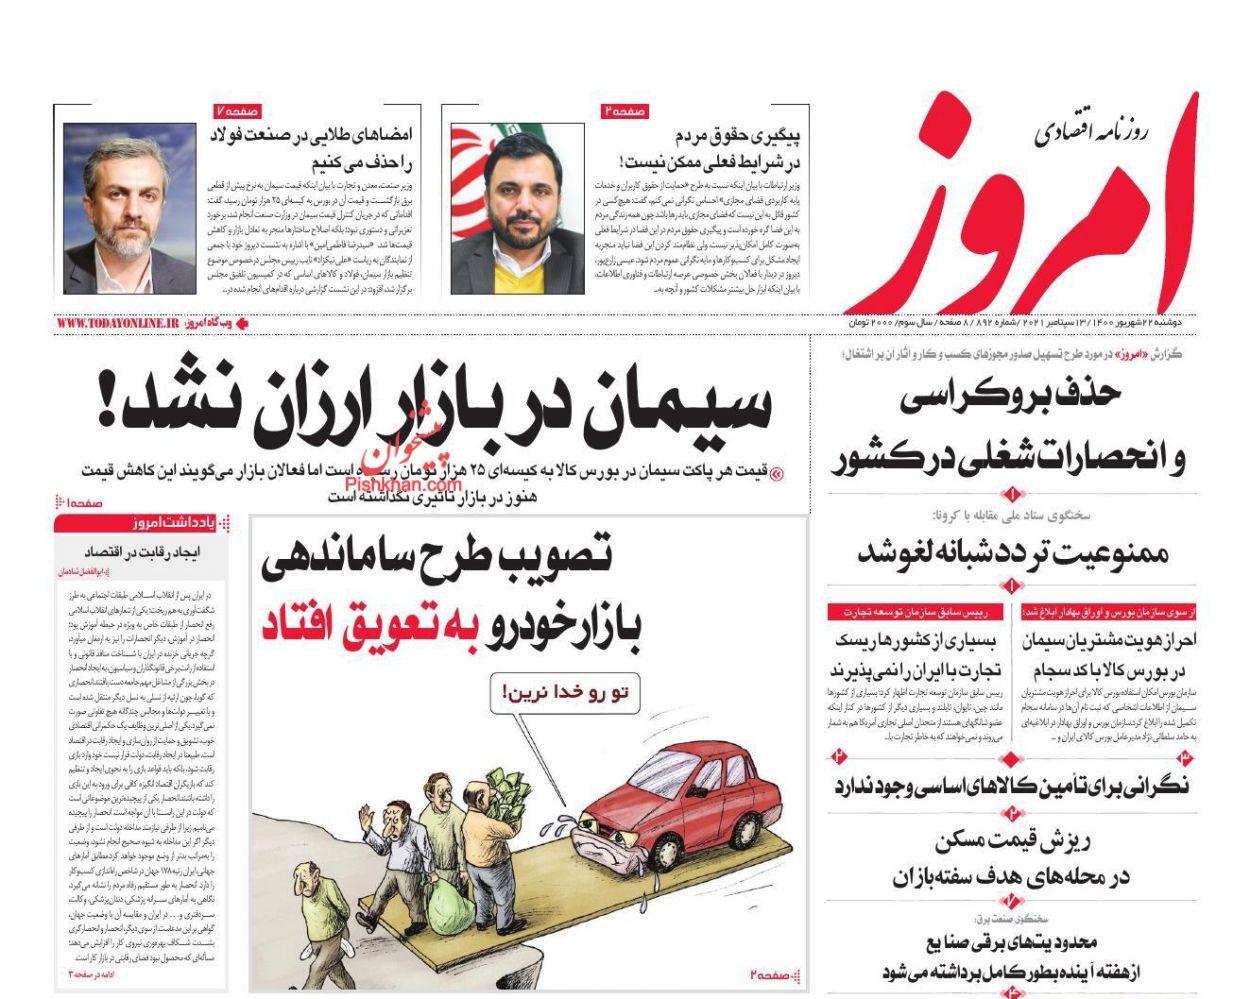 عناوین اخبار روزنامه امروز در روز دوشنبه ۲۲ شهريور